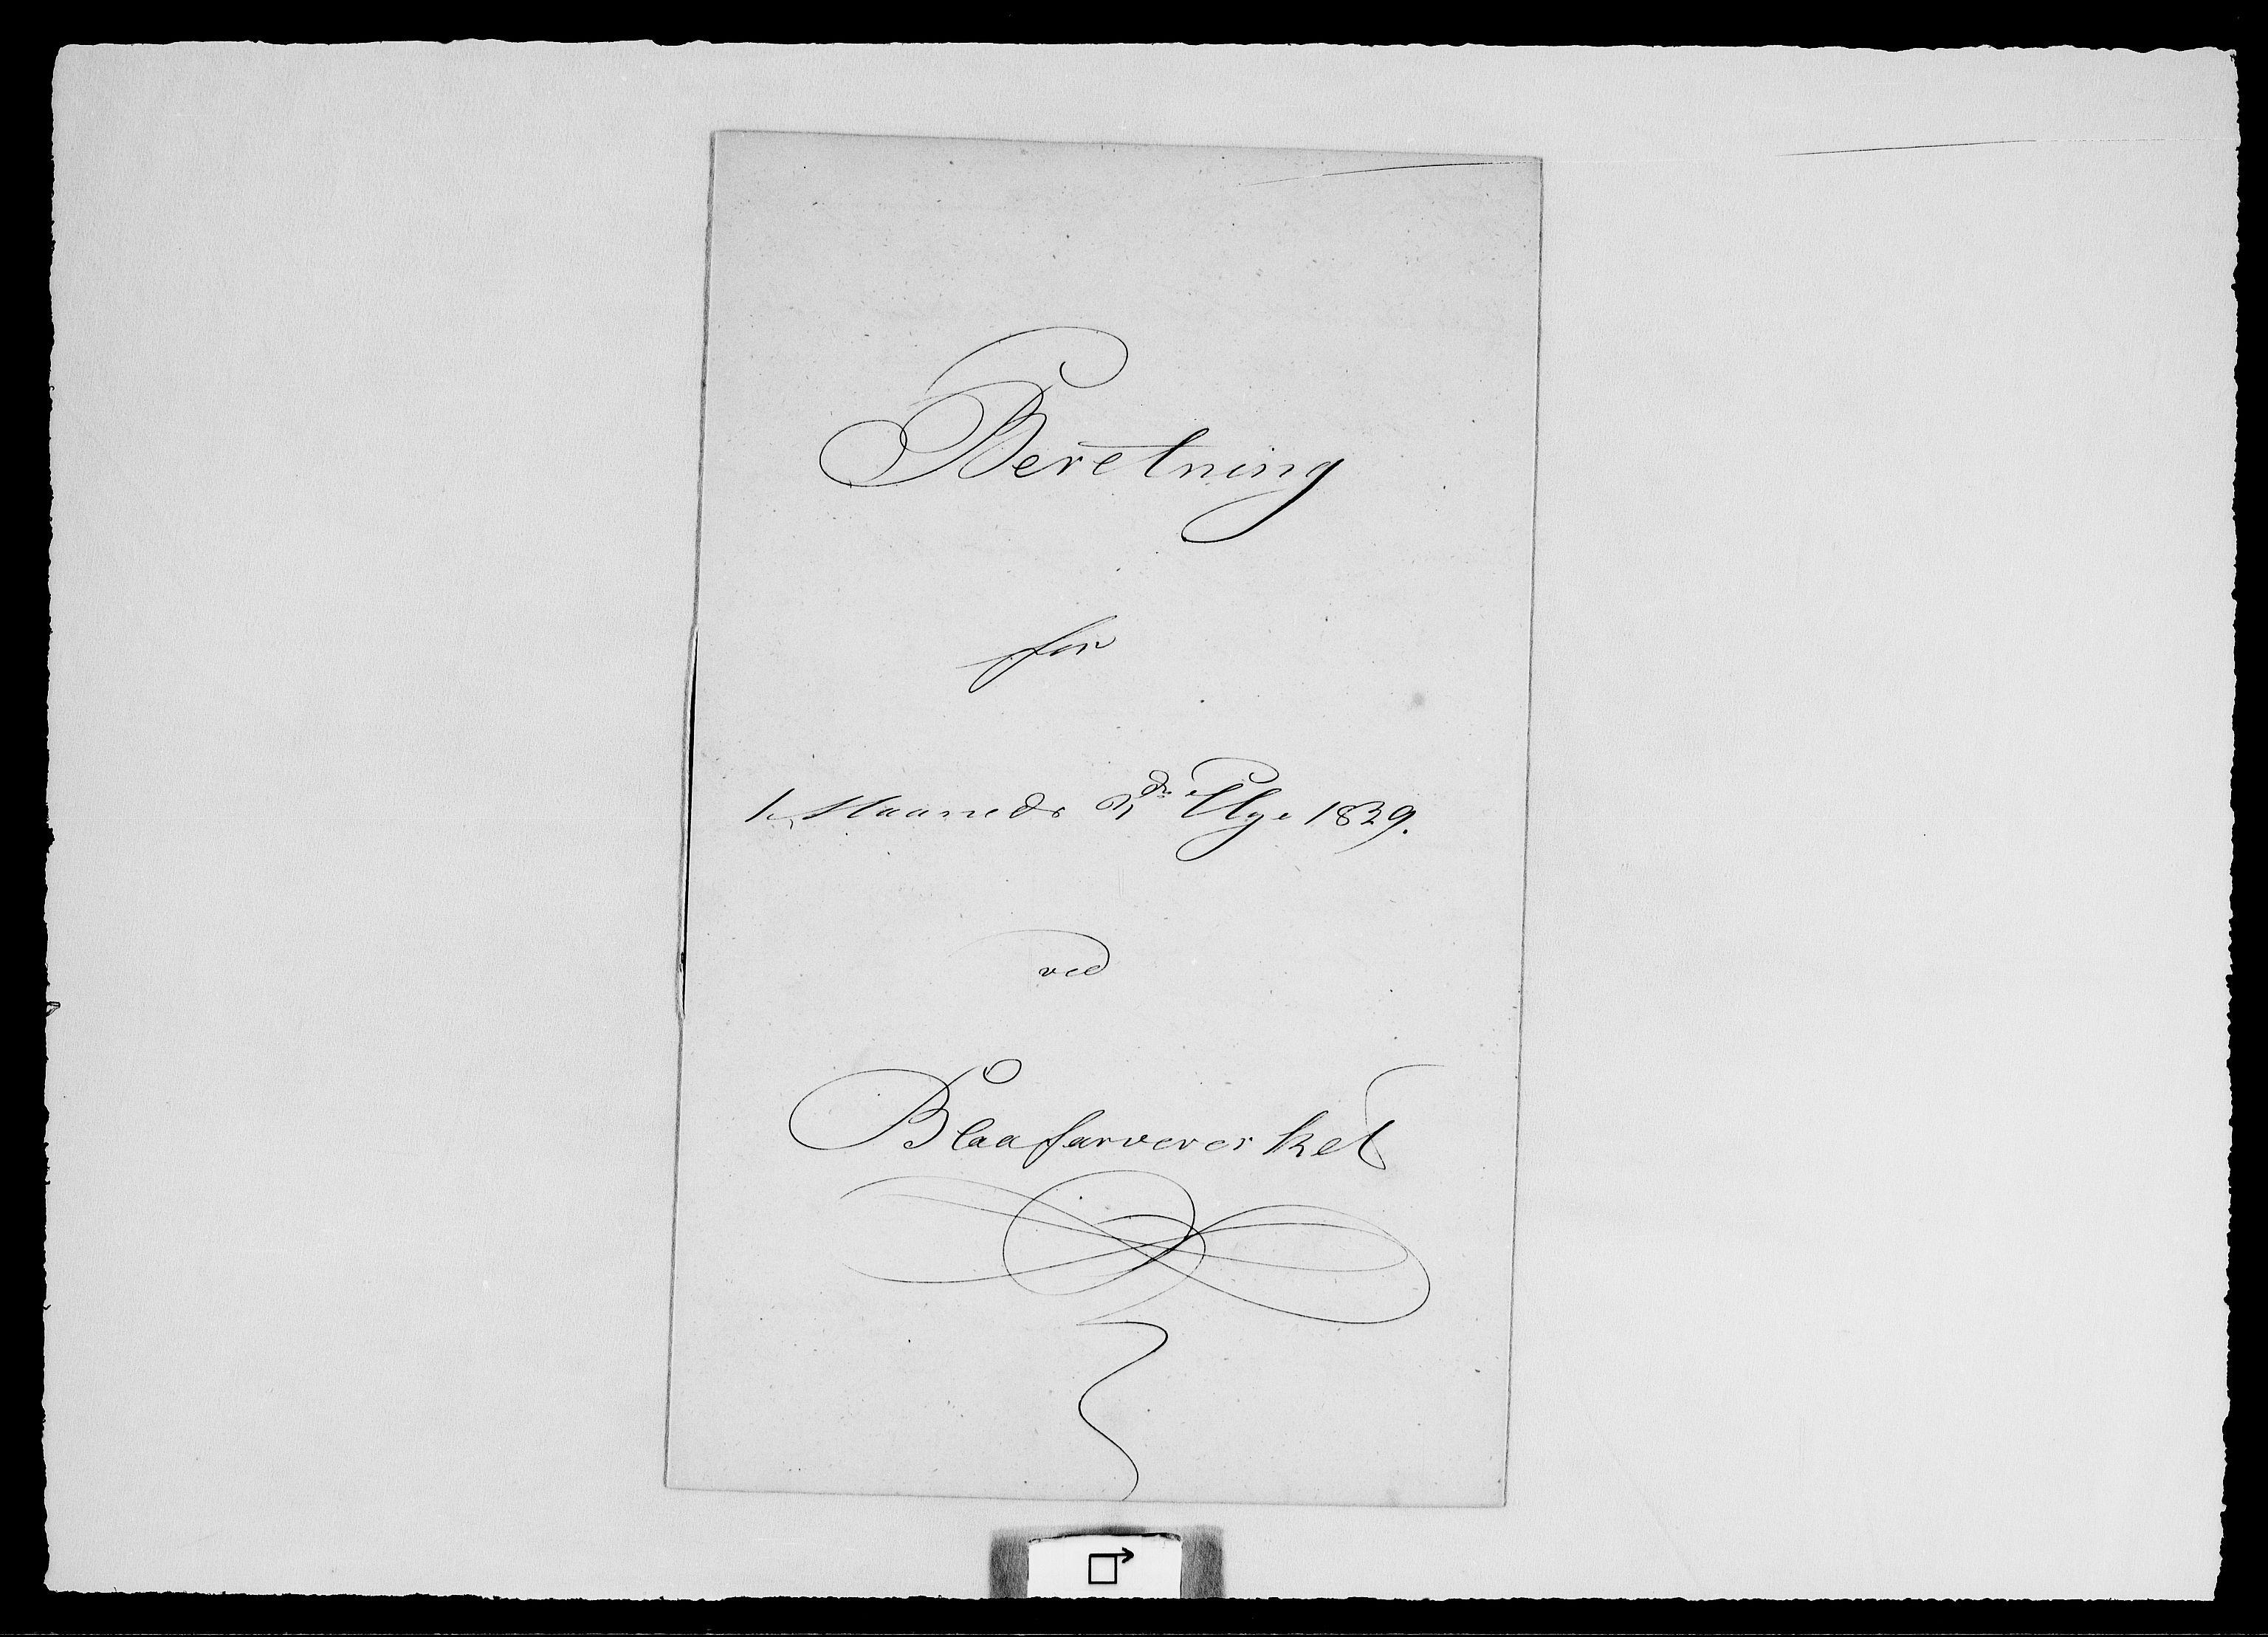 RA, Modums Blaafarveværk, G/Ge/L0324, 1839-1841, s. 2